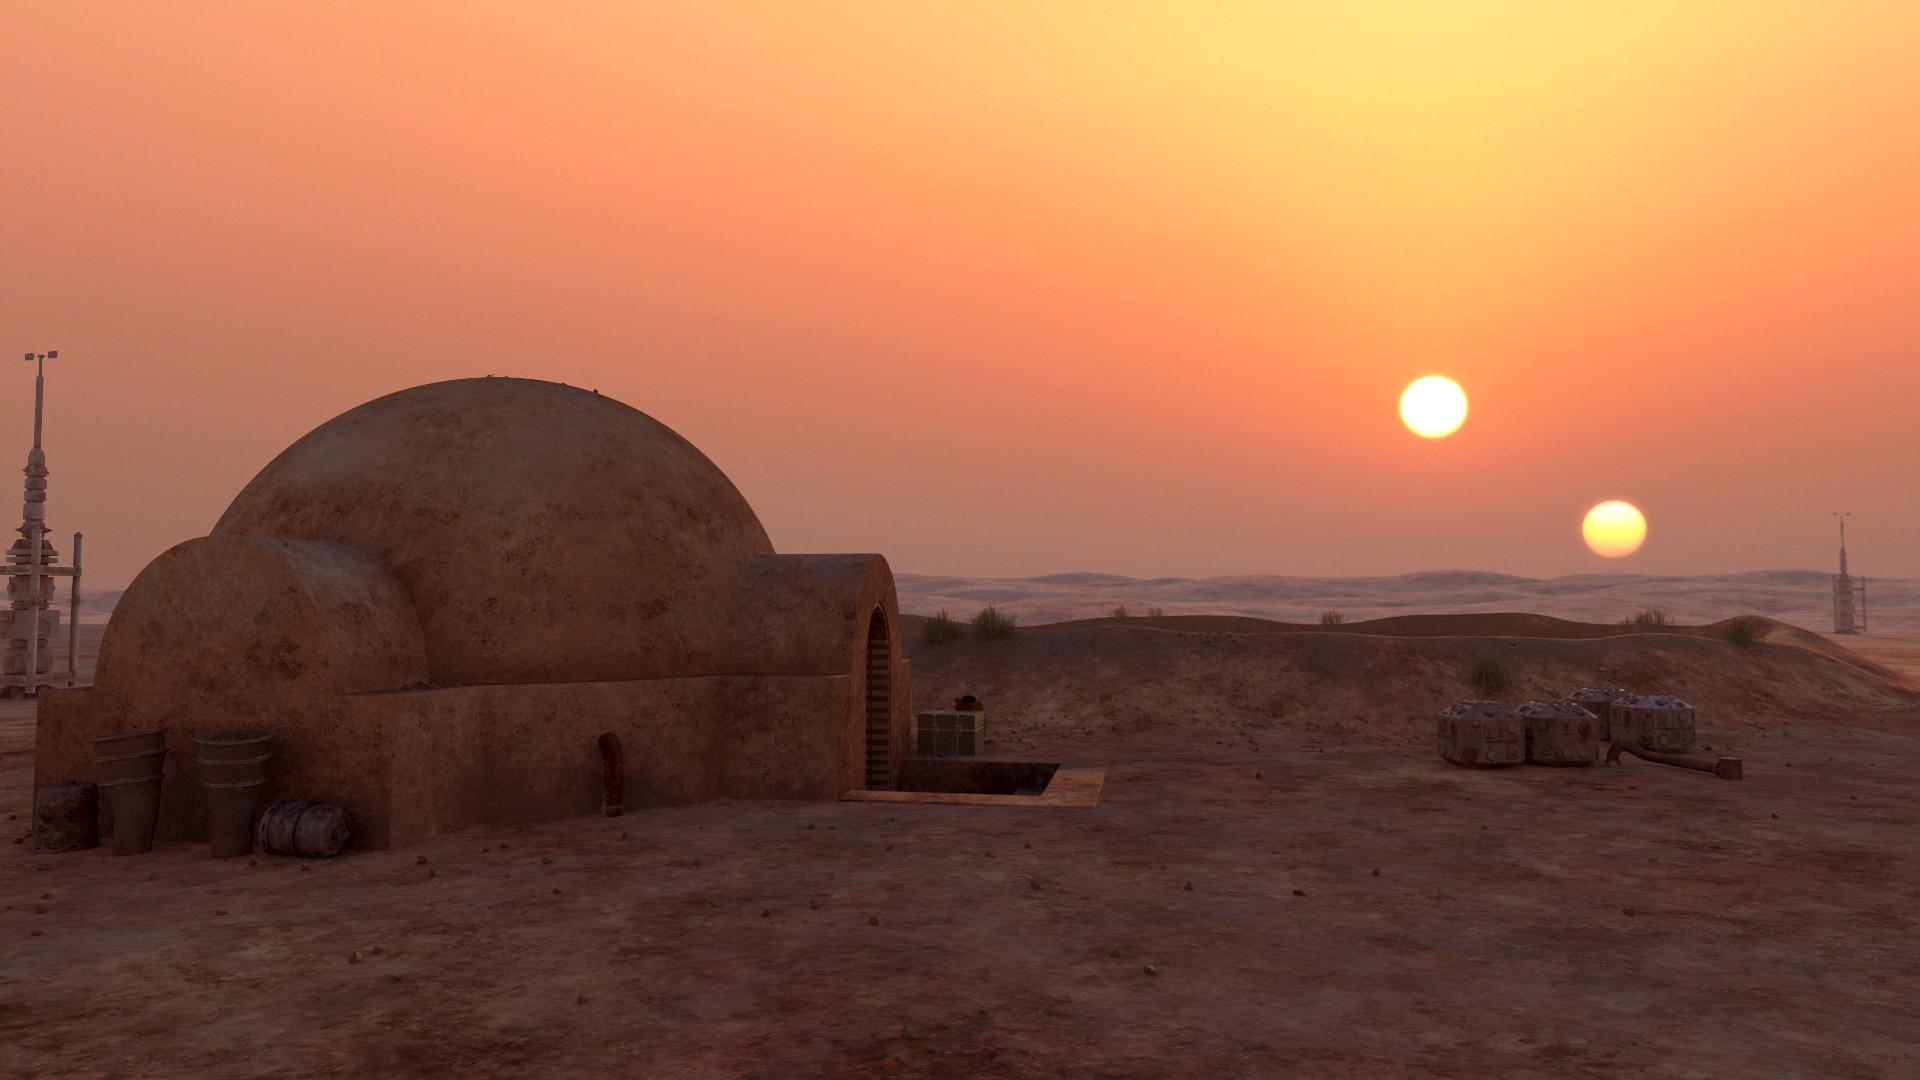 Artstation - Tatooine Moisture Farm Benoit Duroi